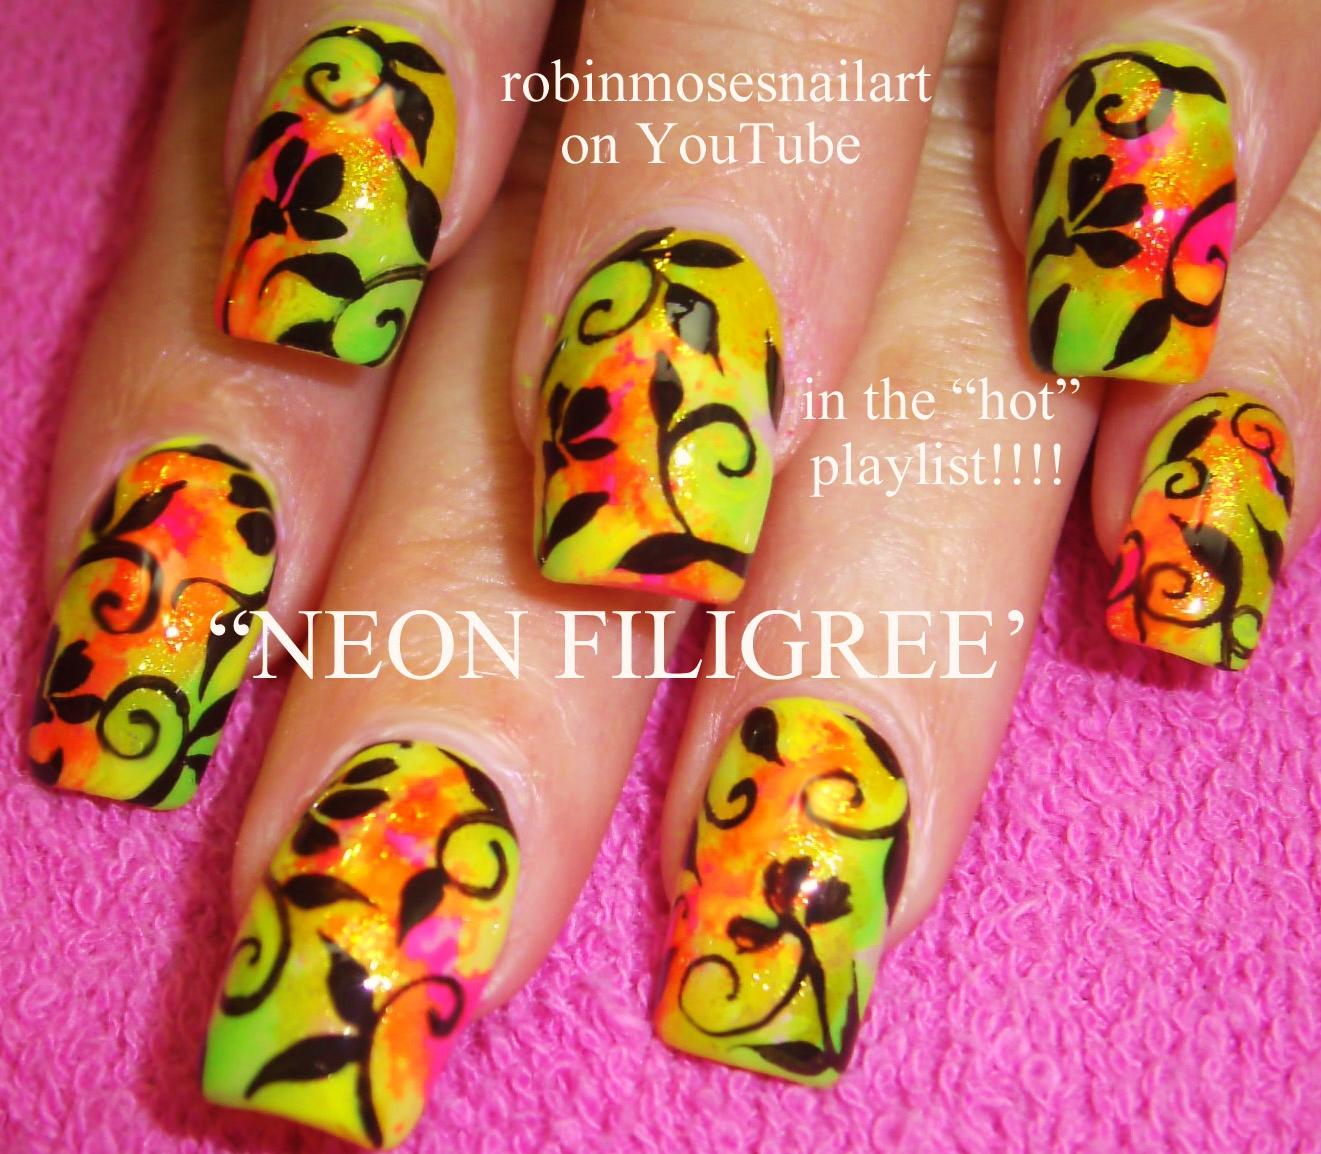 Robin Moses Nail Art: neon nail art, neon filigree nails, neon ...